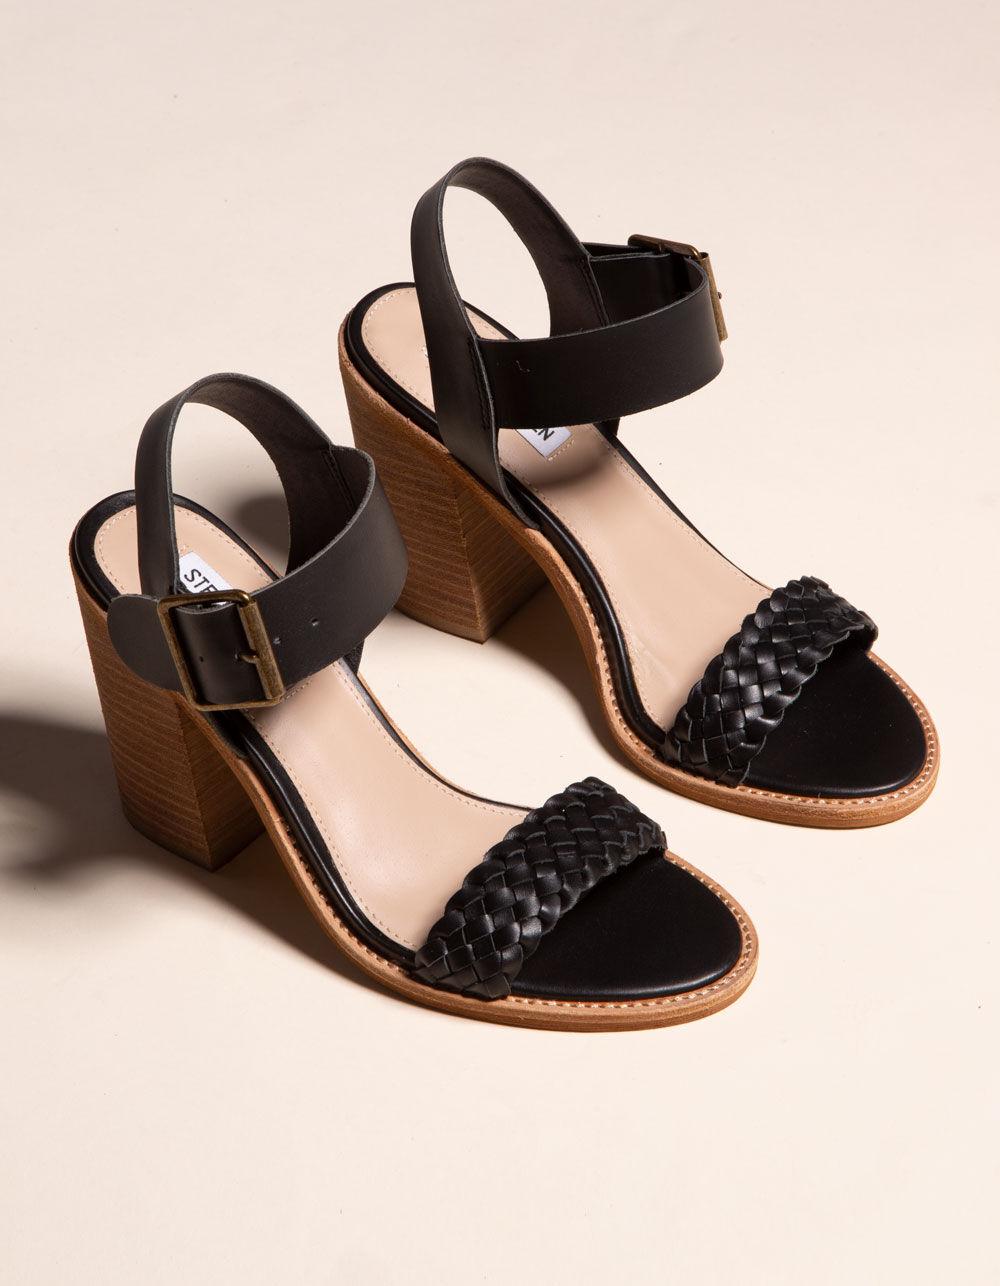 STEVE MADDEN Cadence Black Leather Heeled Sandals